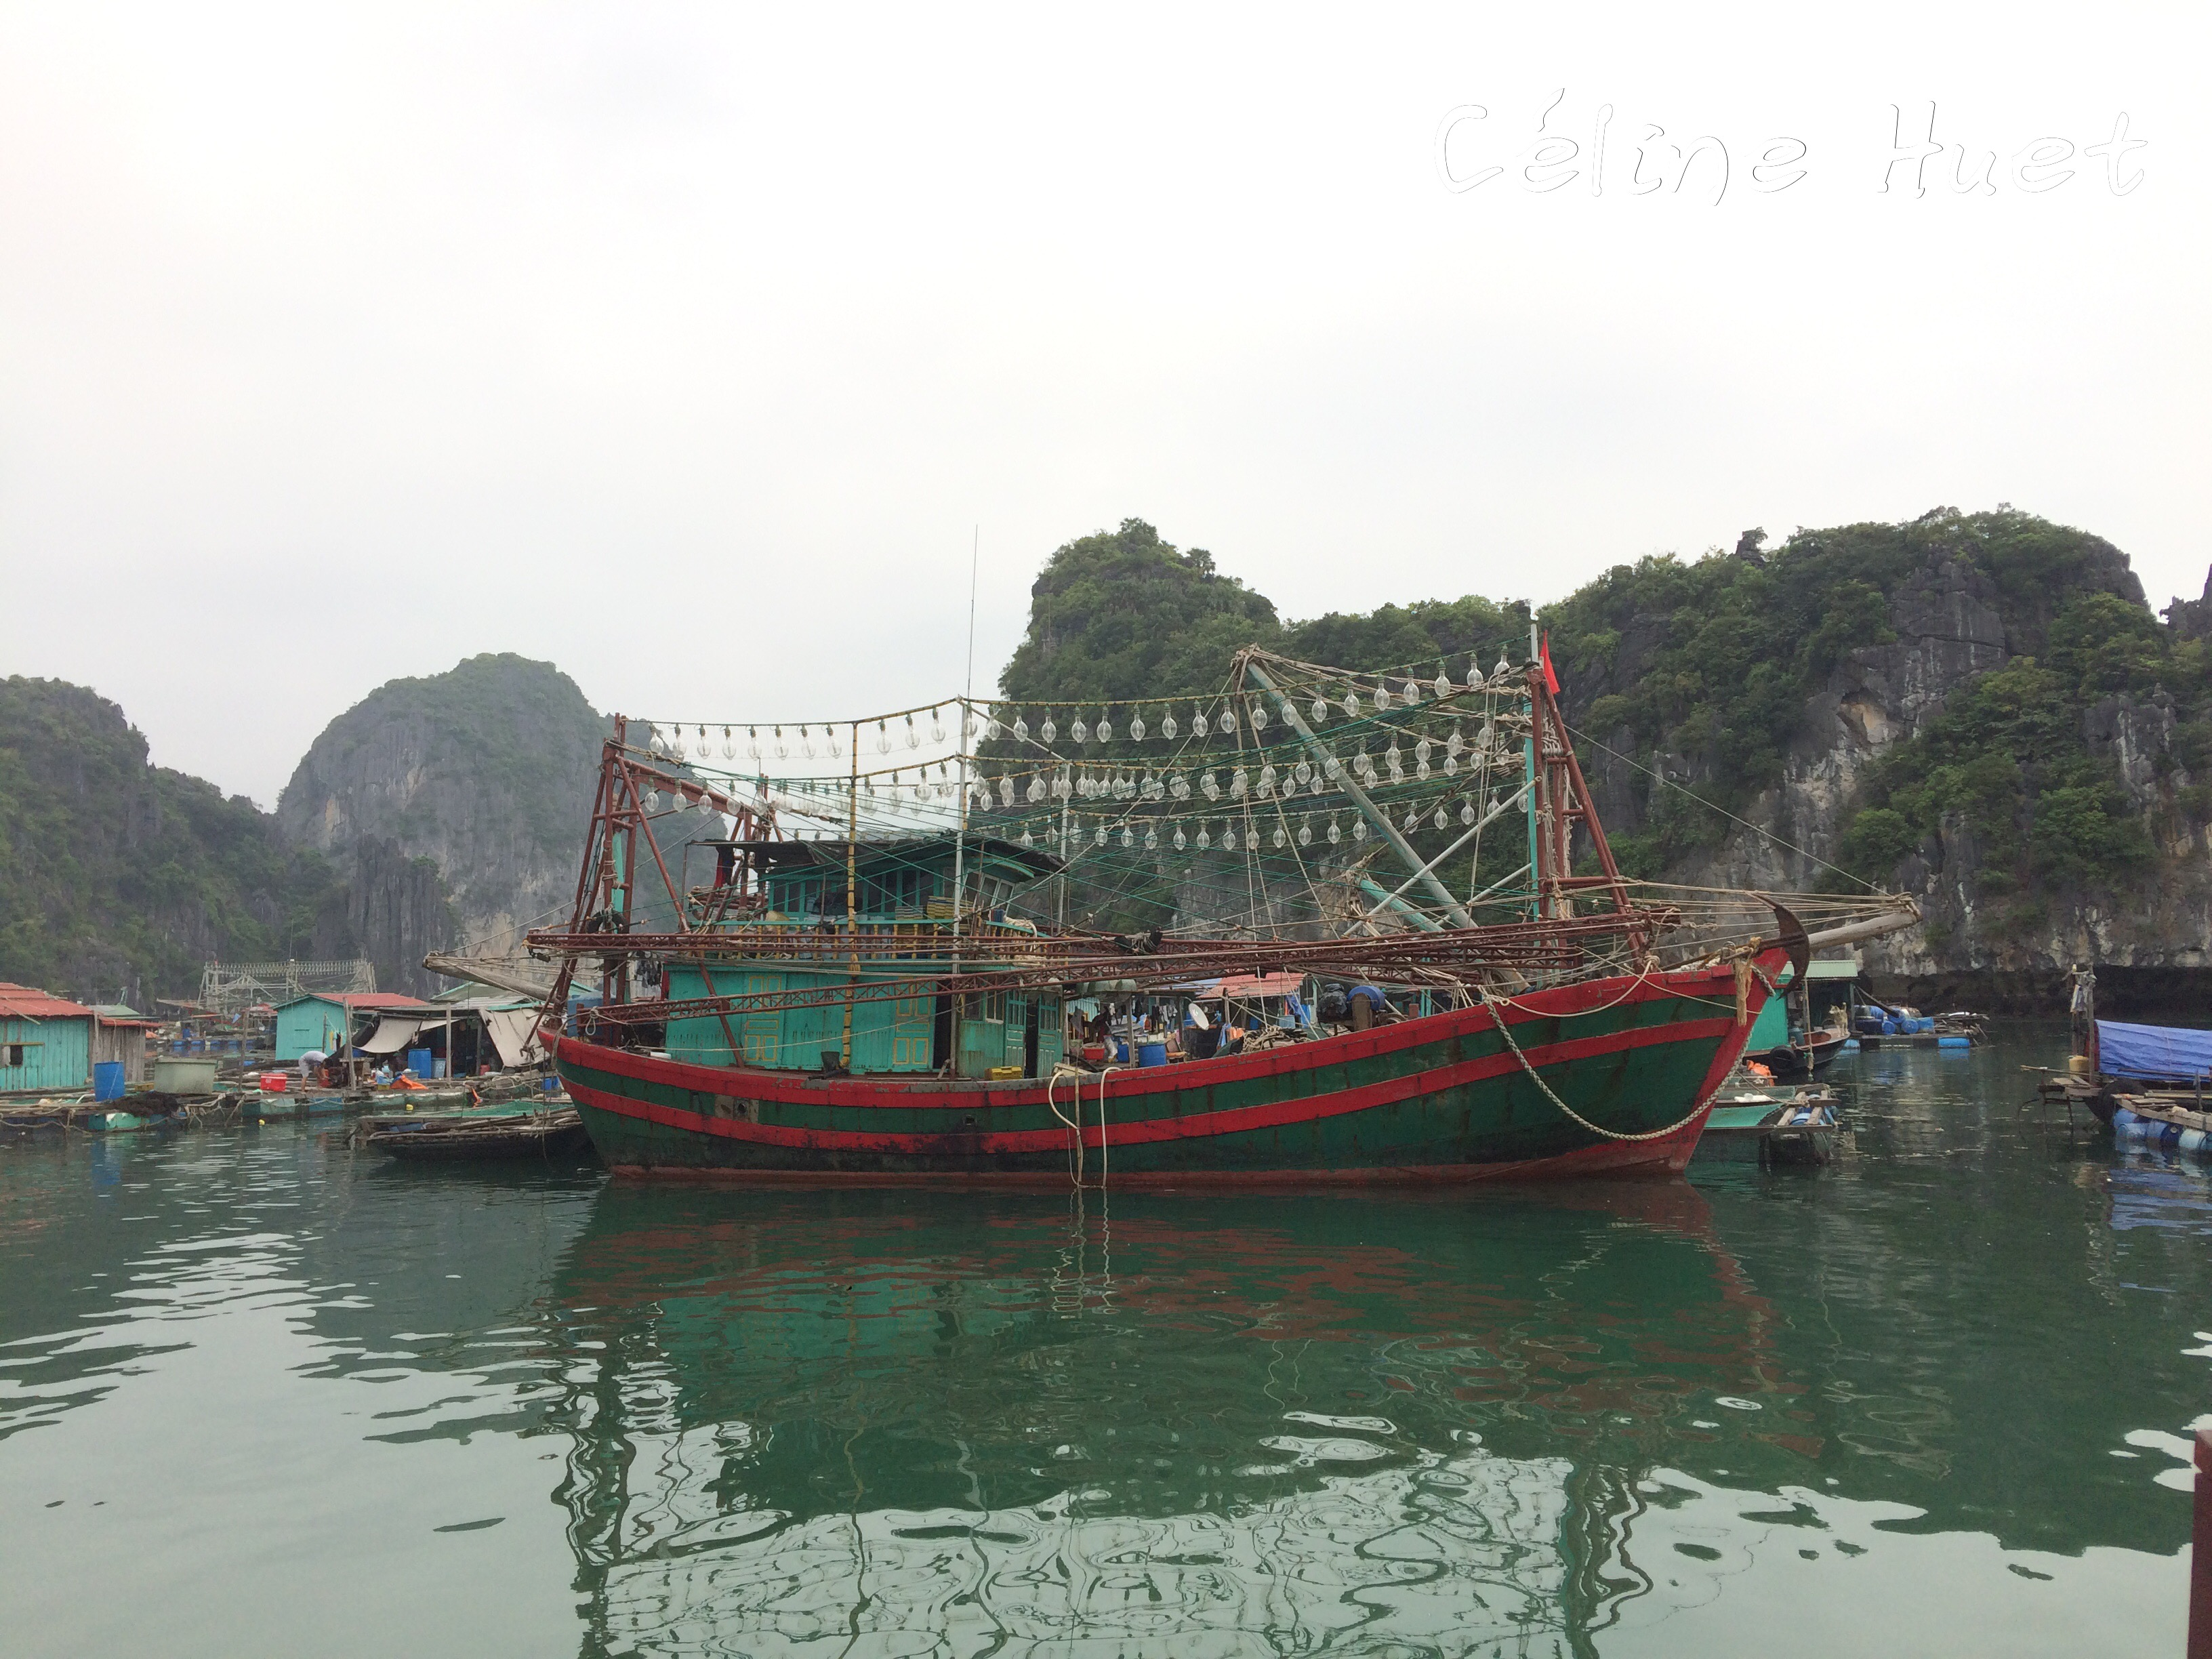 Village de pêcheurs Baie d'Halong Vietnam Asie